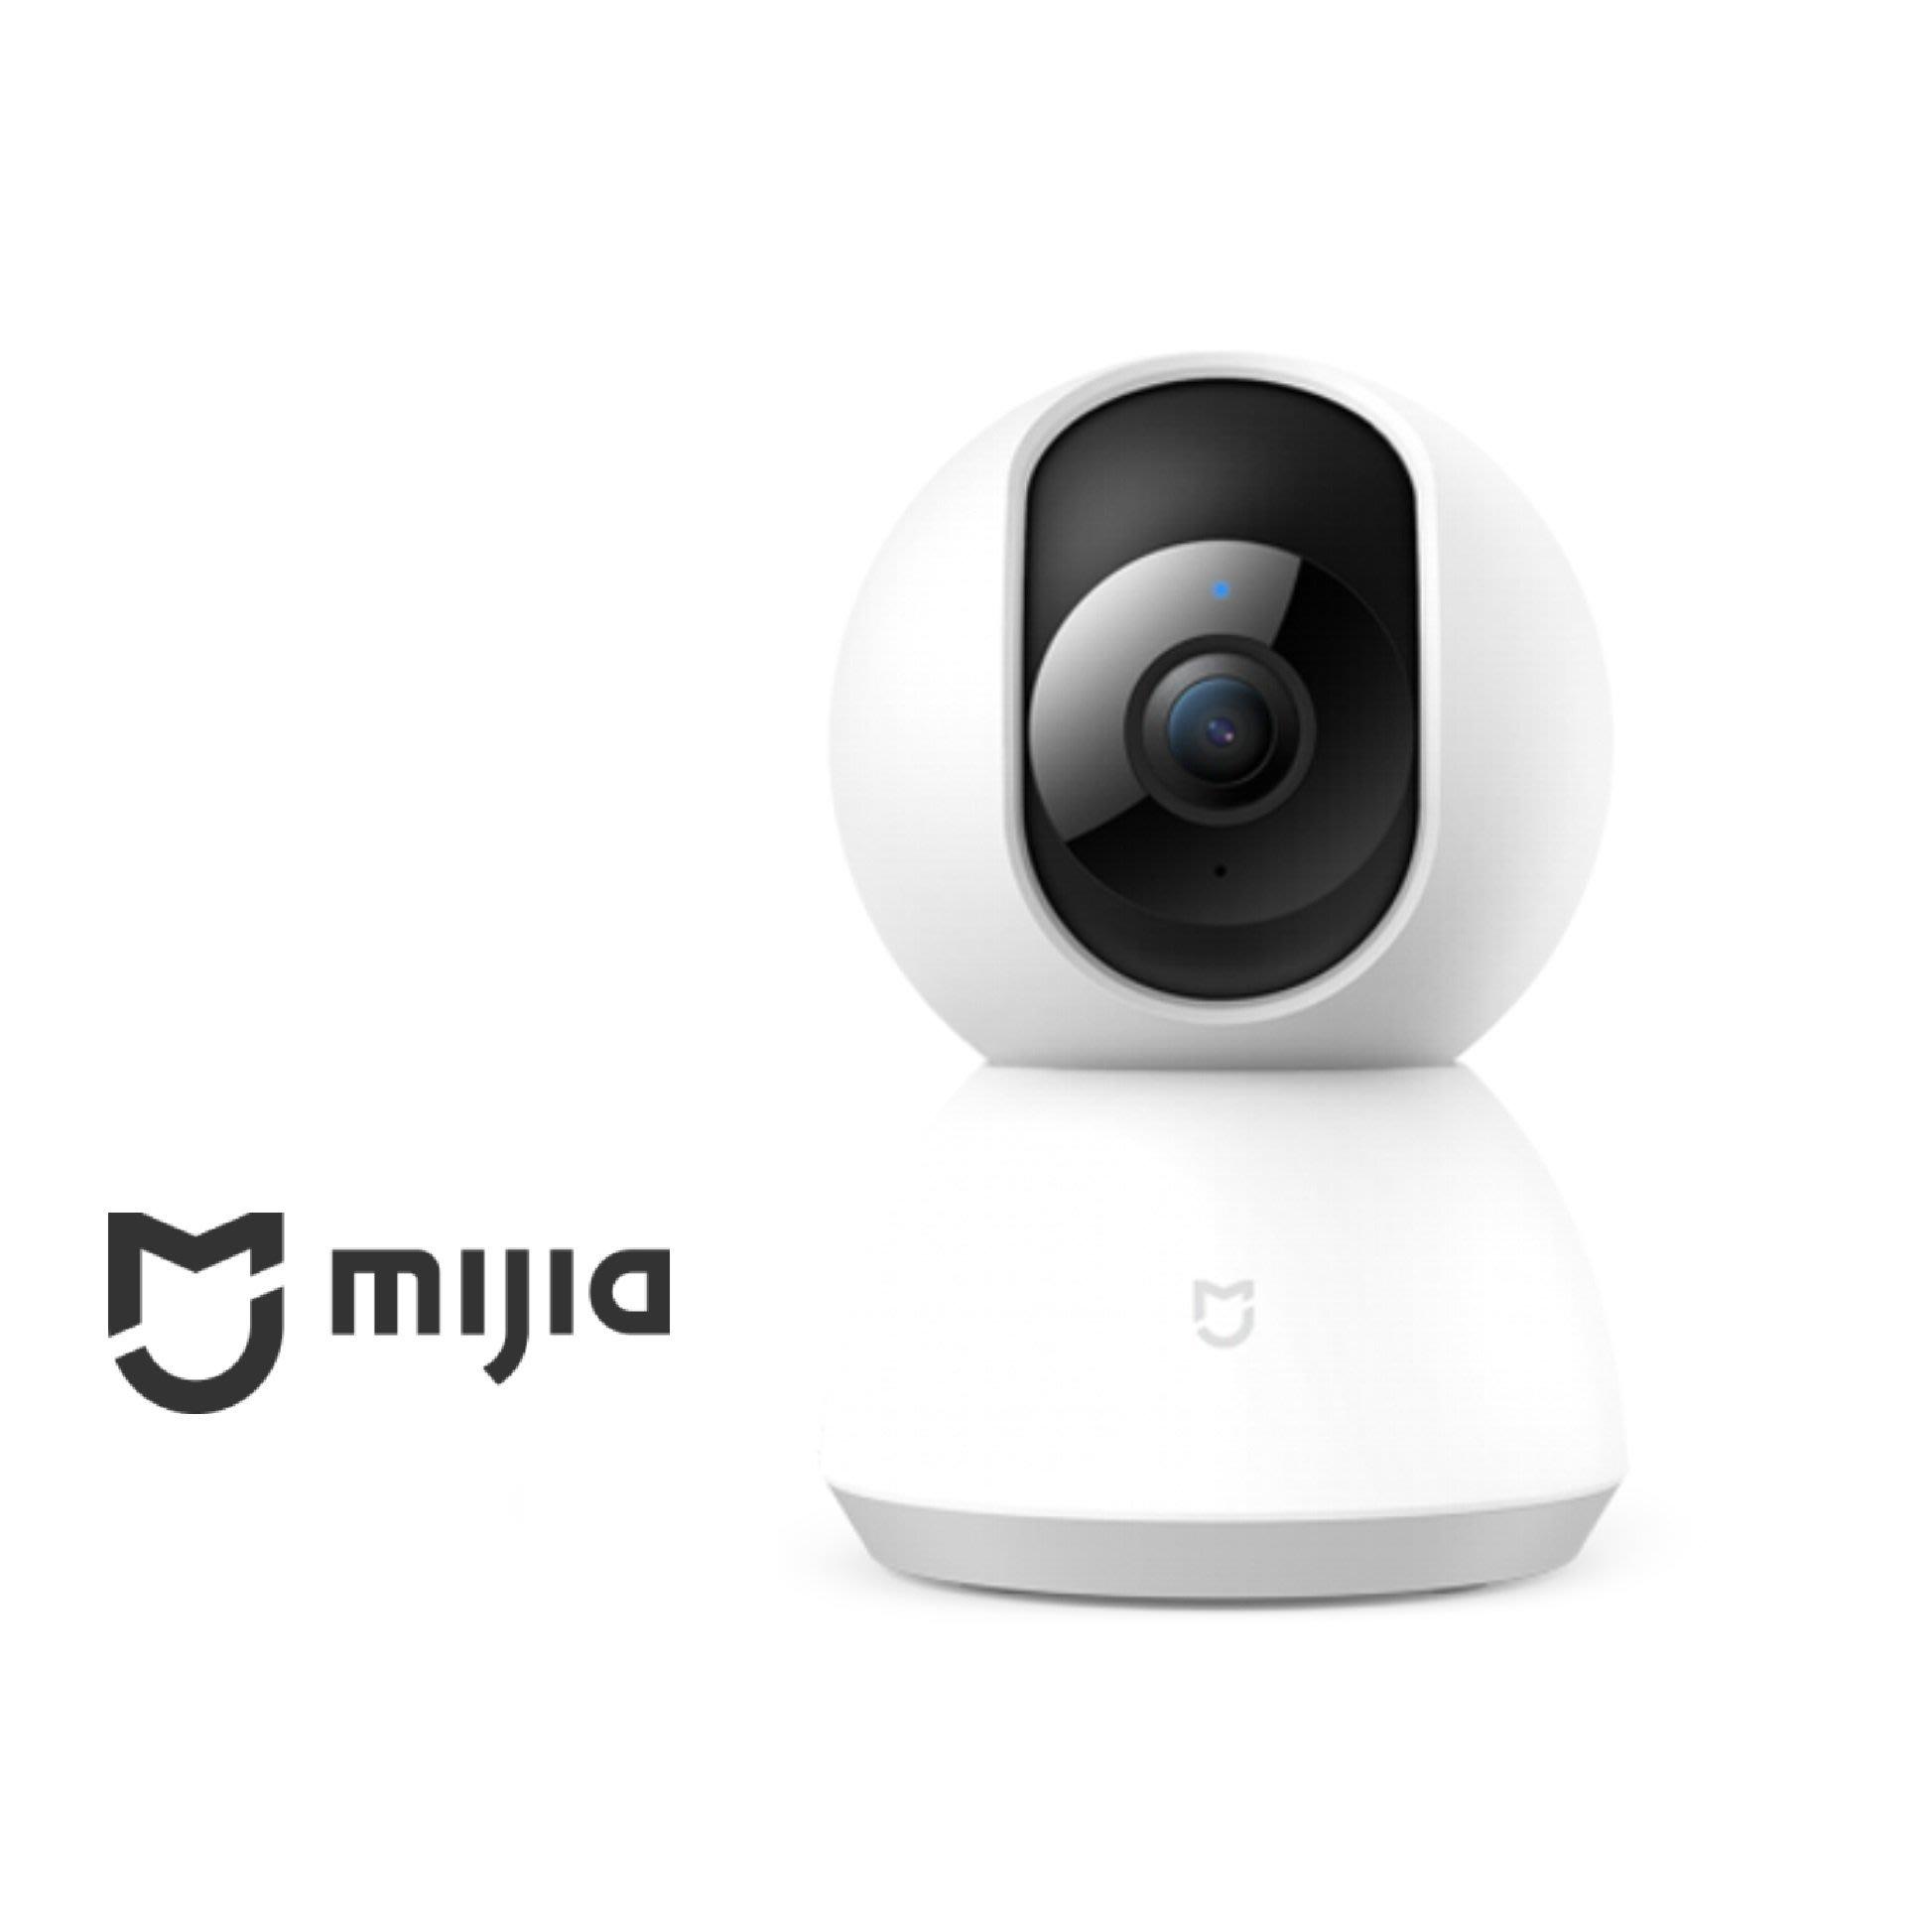 小米 米家智慧攝影機 雲台版1080P【B1089】